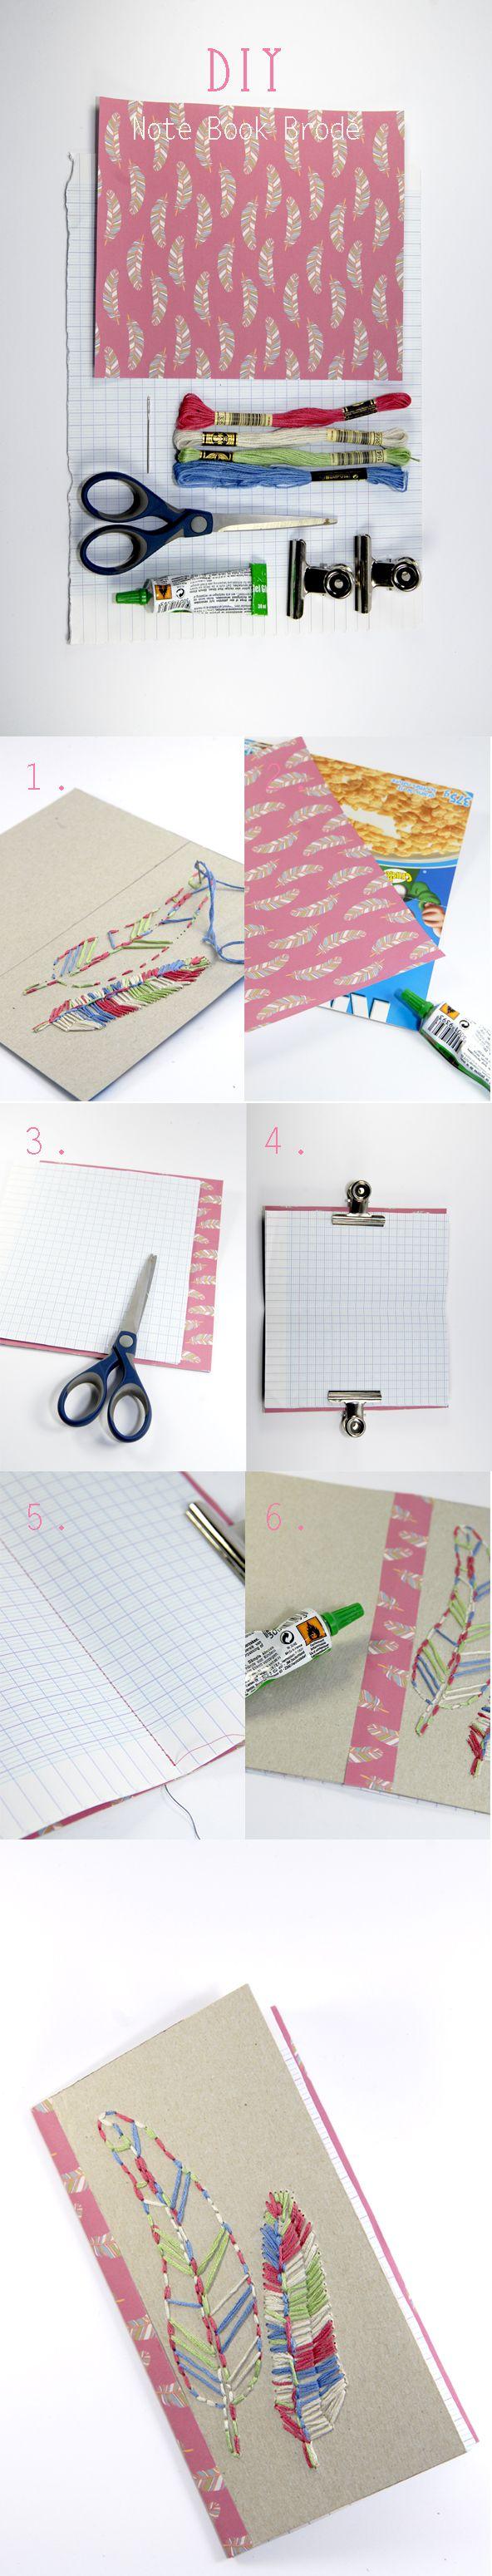 Tuto comment faire un petit carnet en carton recyclé